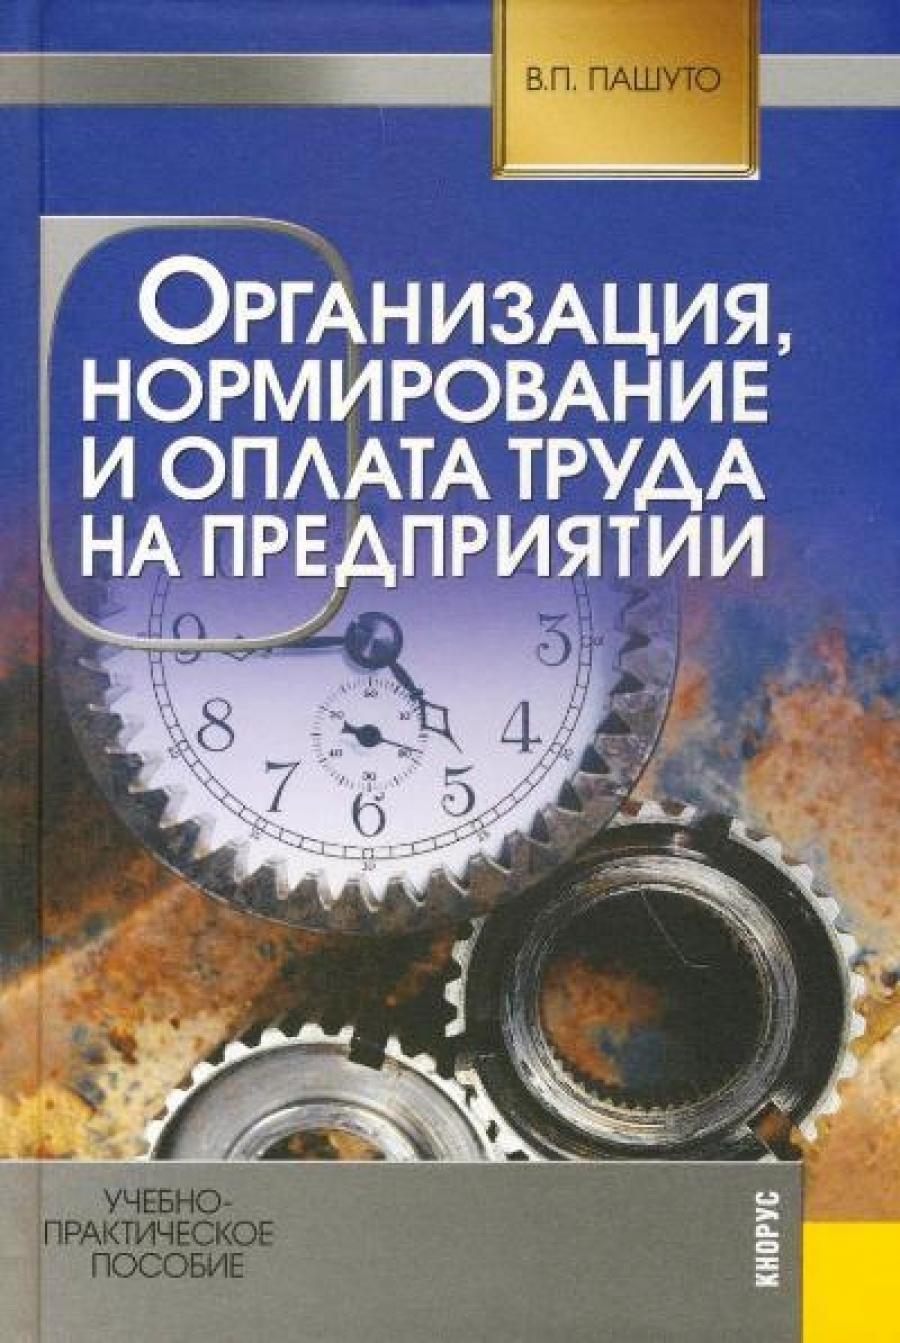 Обложка книги:  пашуто в.п. - организация, нормирование и оплата труда на предприятии